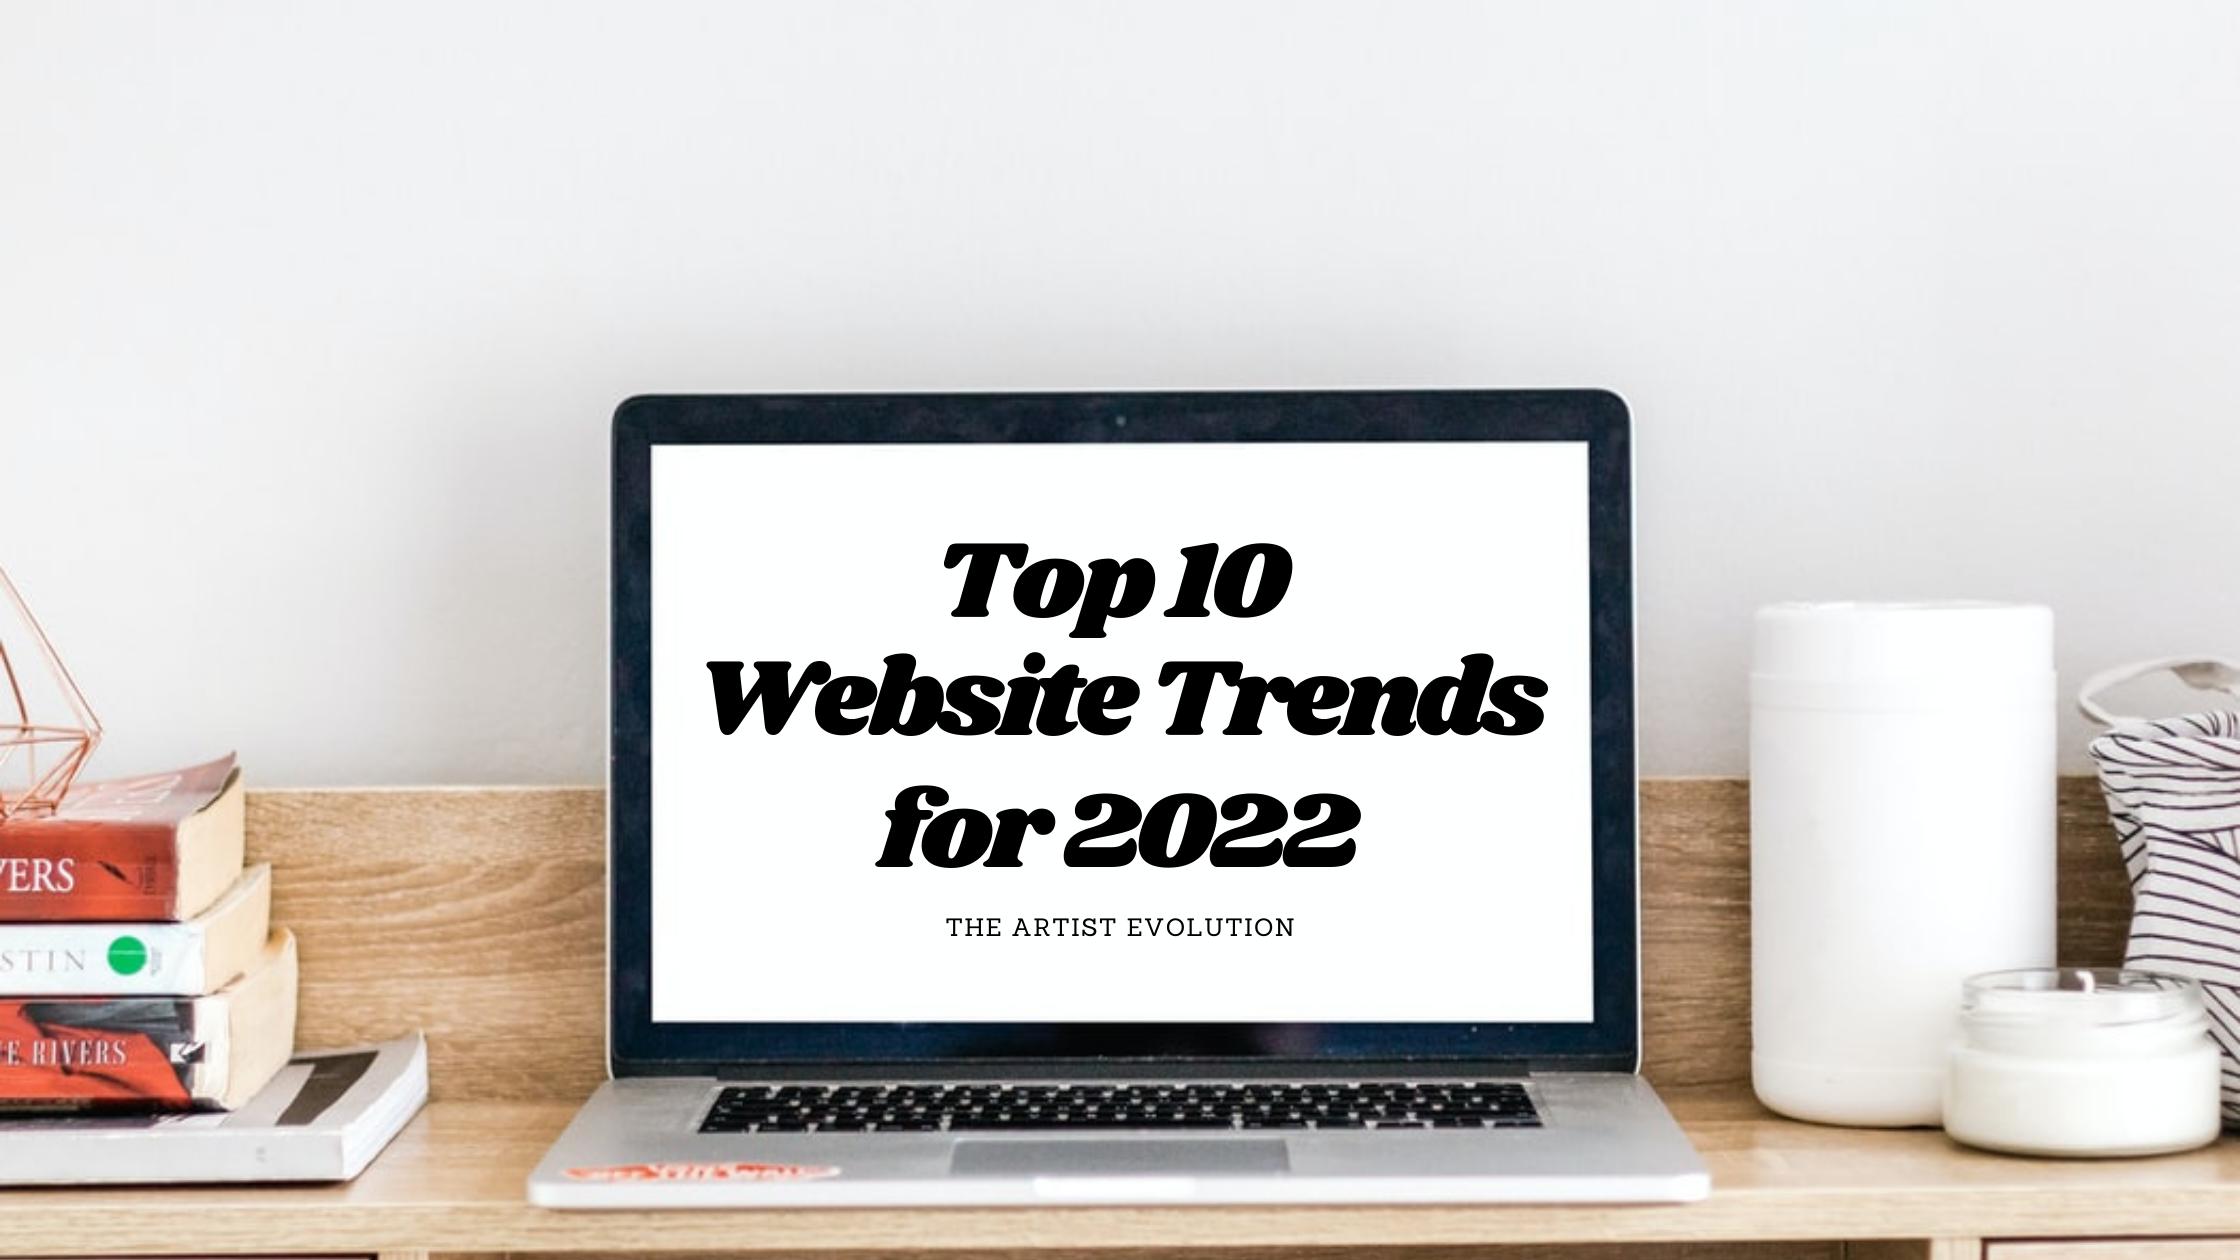 Top 10 Website Trends for 2022